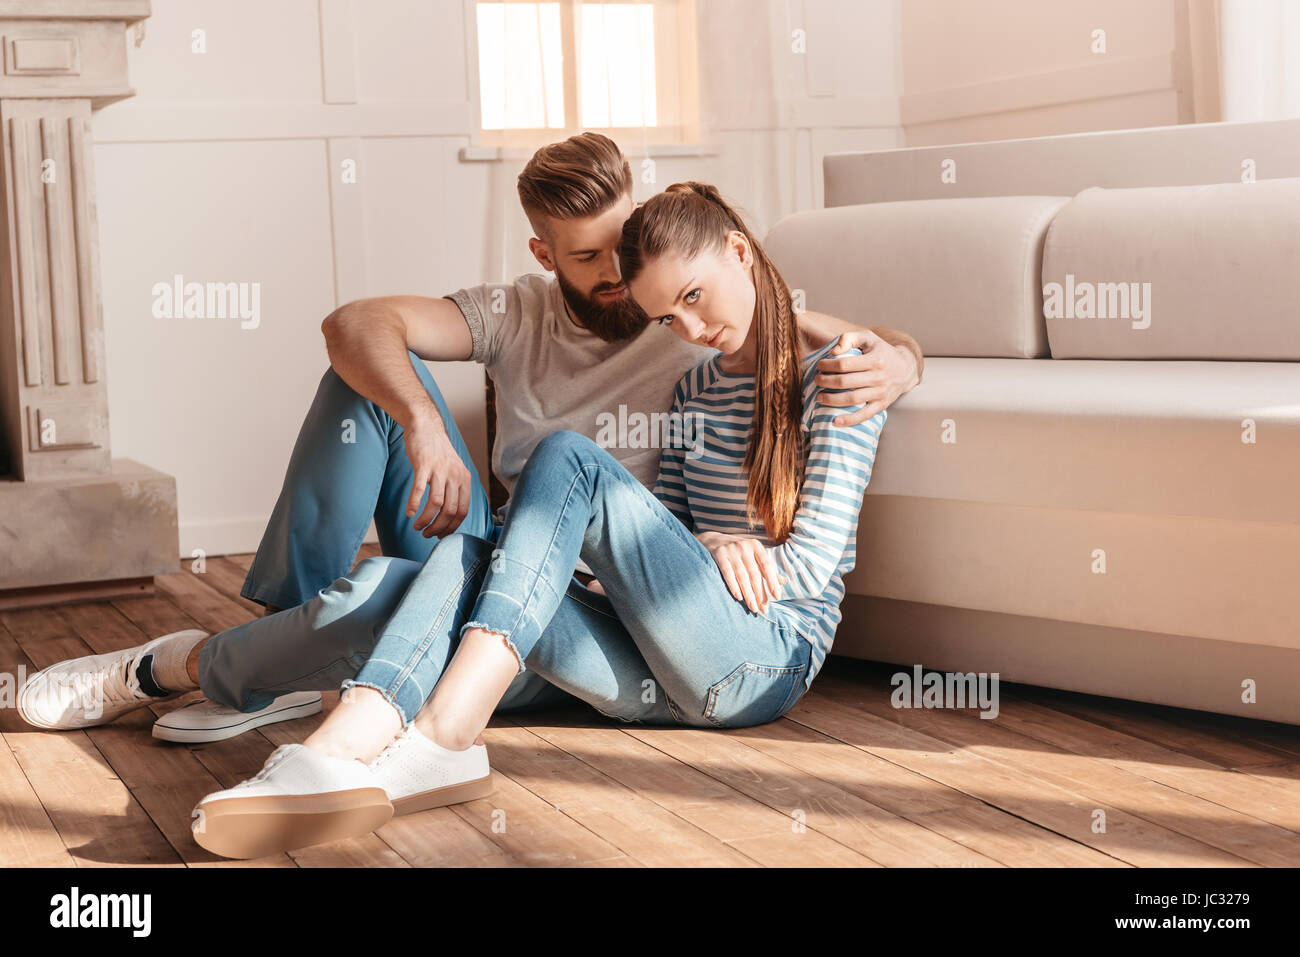 Licitación joven hombre y mujer abrazar y sentarse en el suelo en casa Imagen De Stock